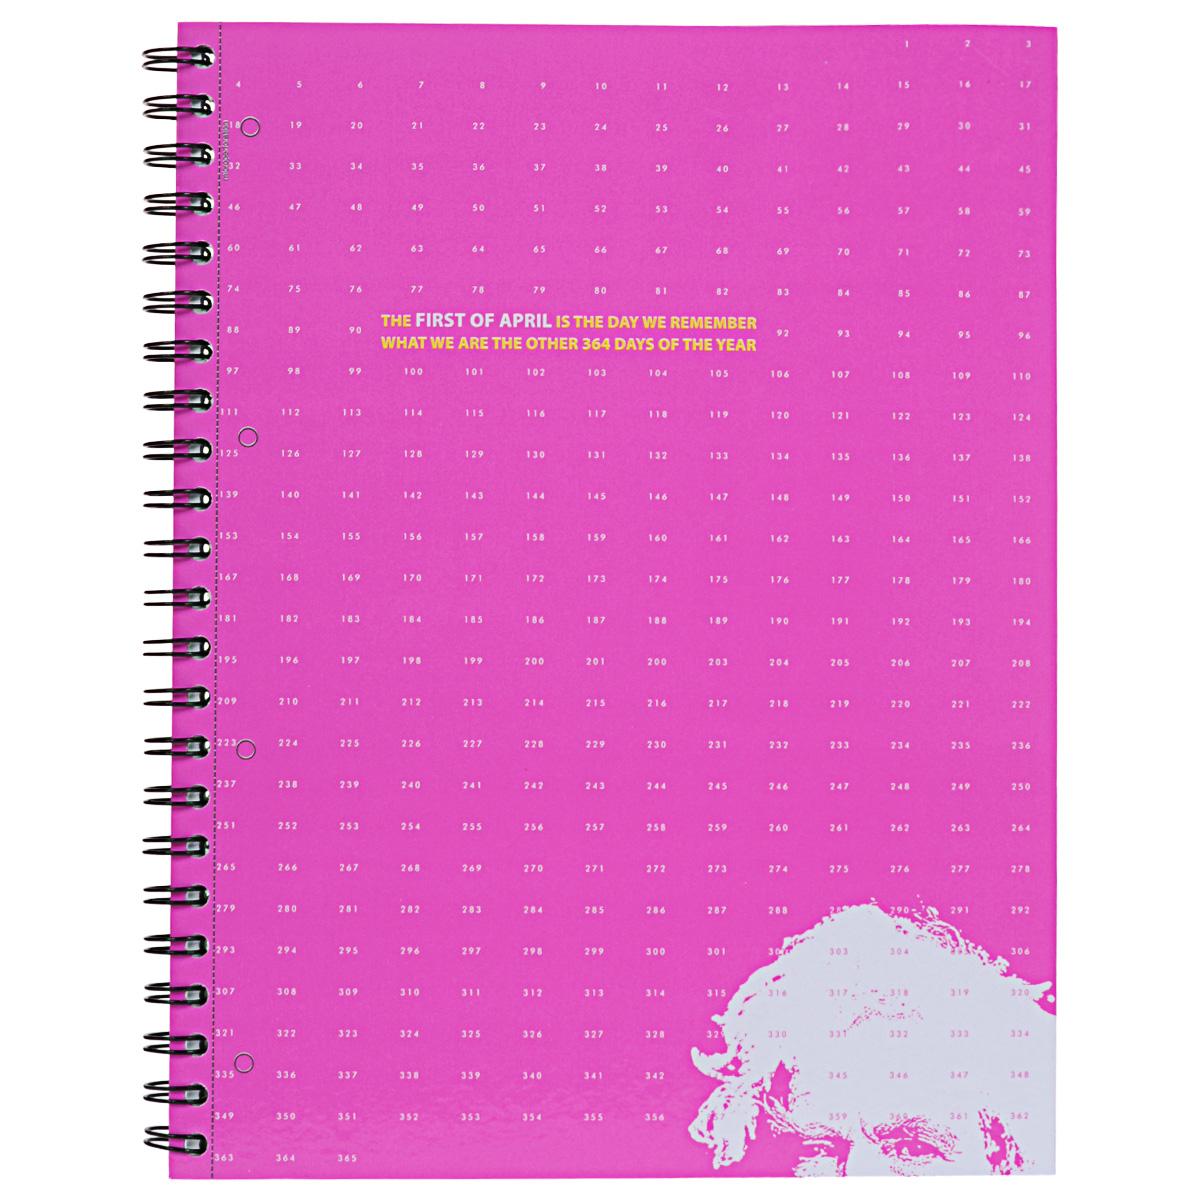 Тетрадь на спирали, 80л Муранское стекло, УФ-лак, розовая34 розоваятетрадь на спирали,80л Муранское стекло, УФ-лак, розовая